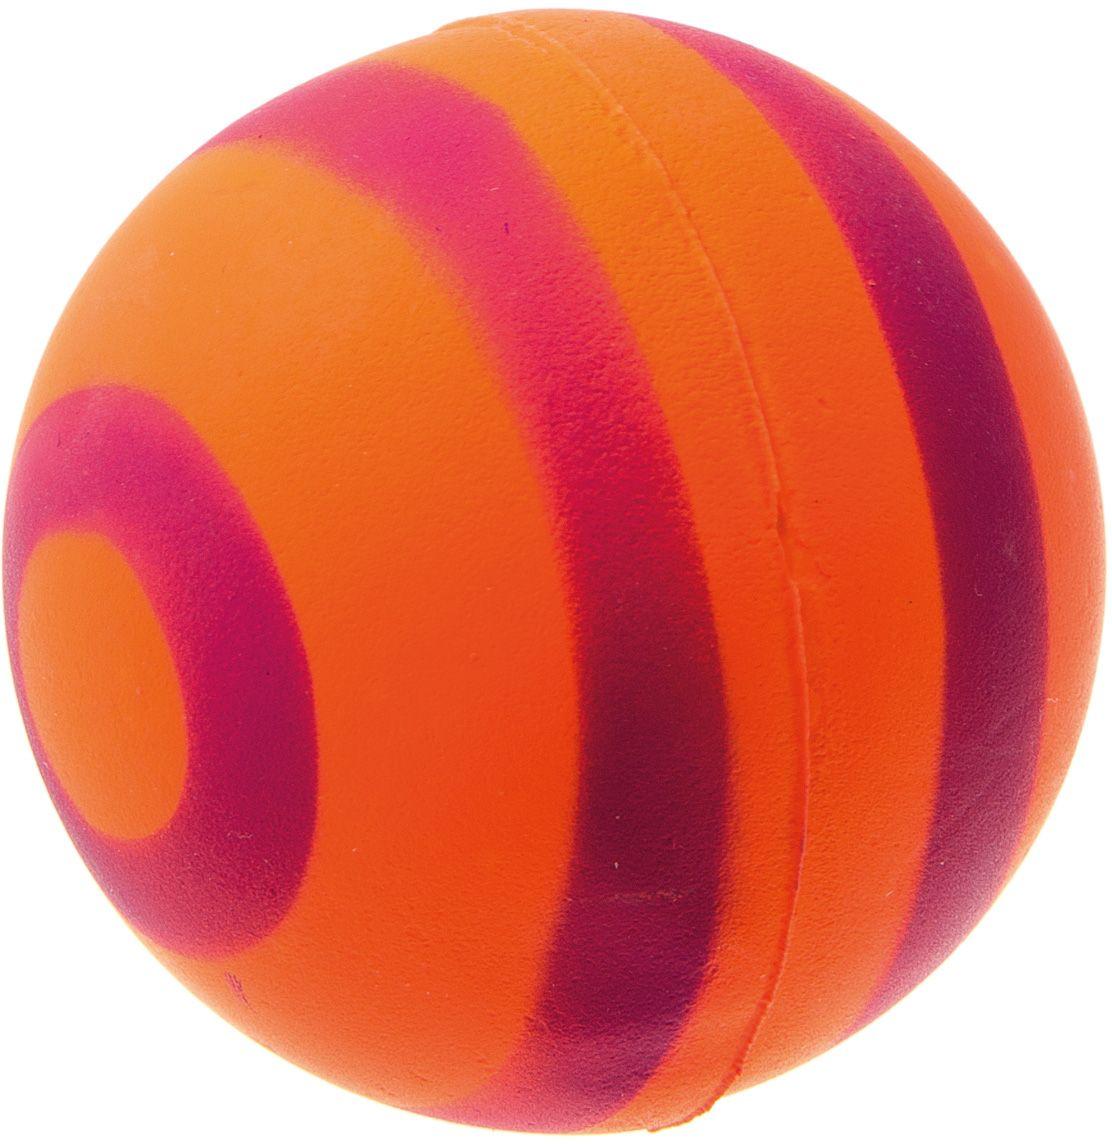 Мяч V.I.Pet Неон, цвет: оранжевый, фиолетовый, 63 мм. 20-112320-1123